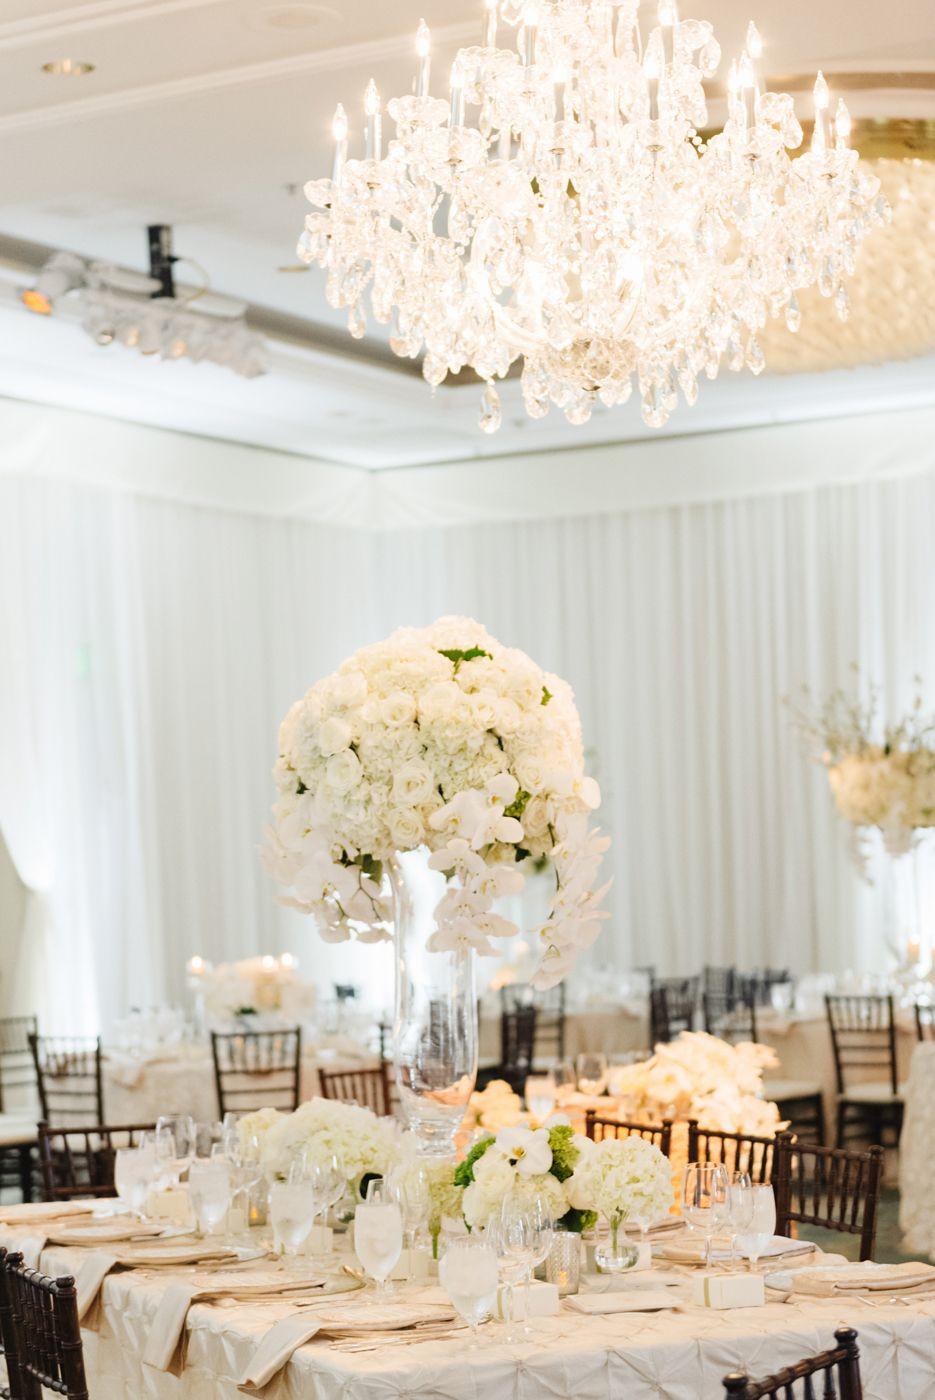 Glamorous Beverly Hills Ballroom Wedding   Wedding, Weddings and ...